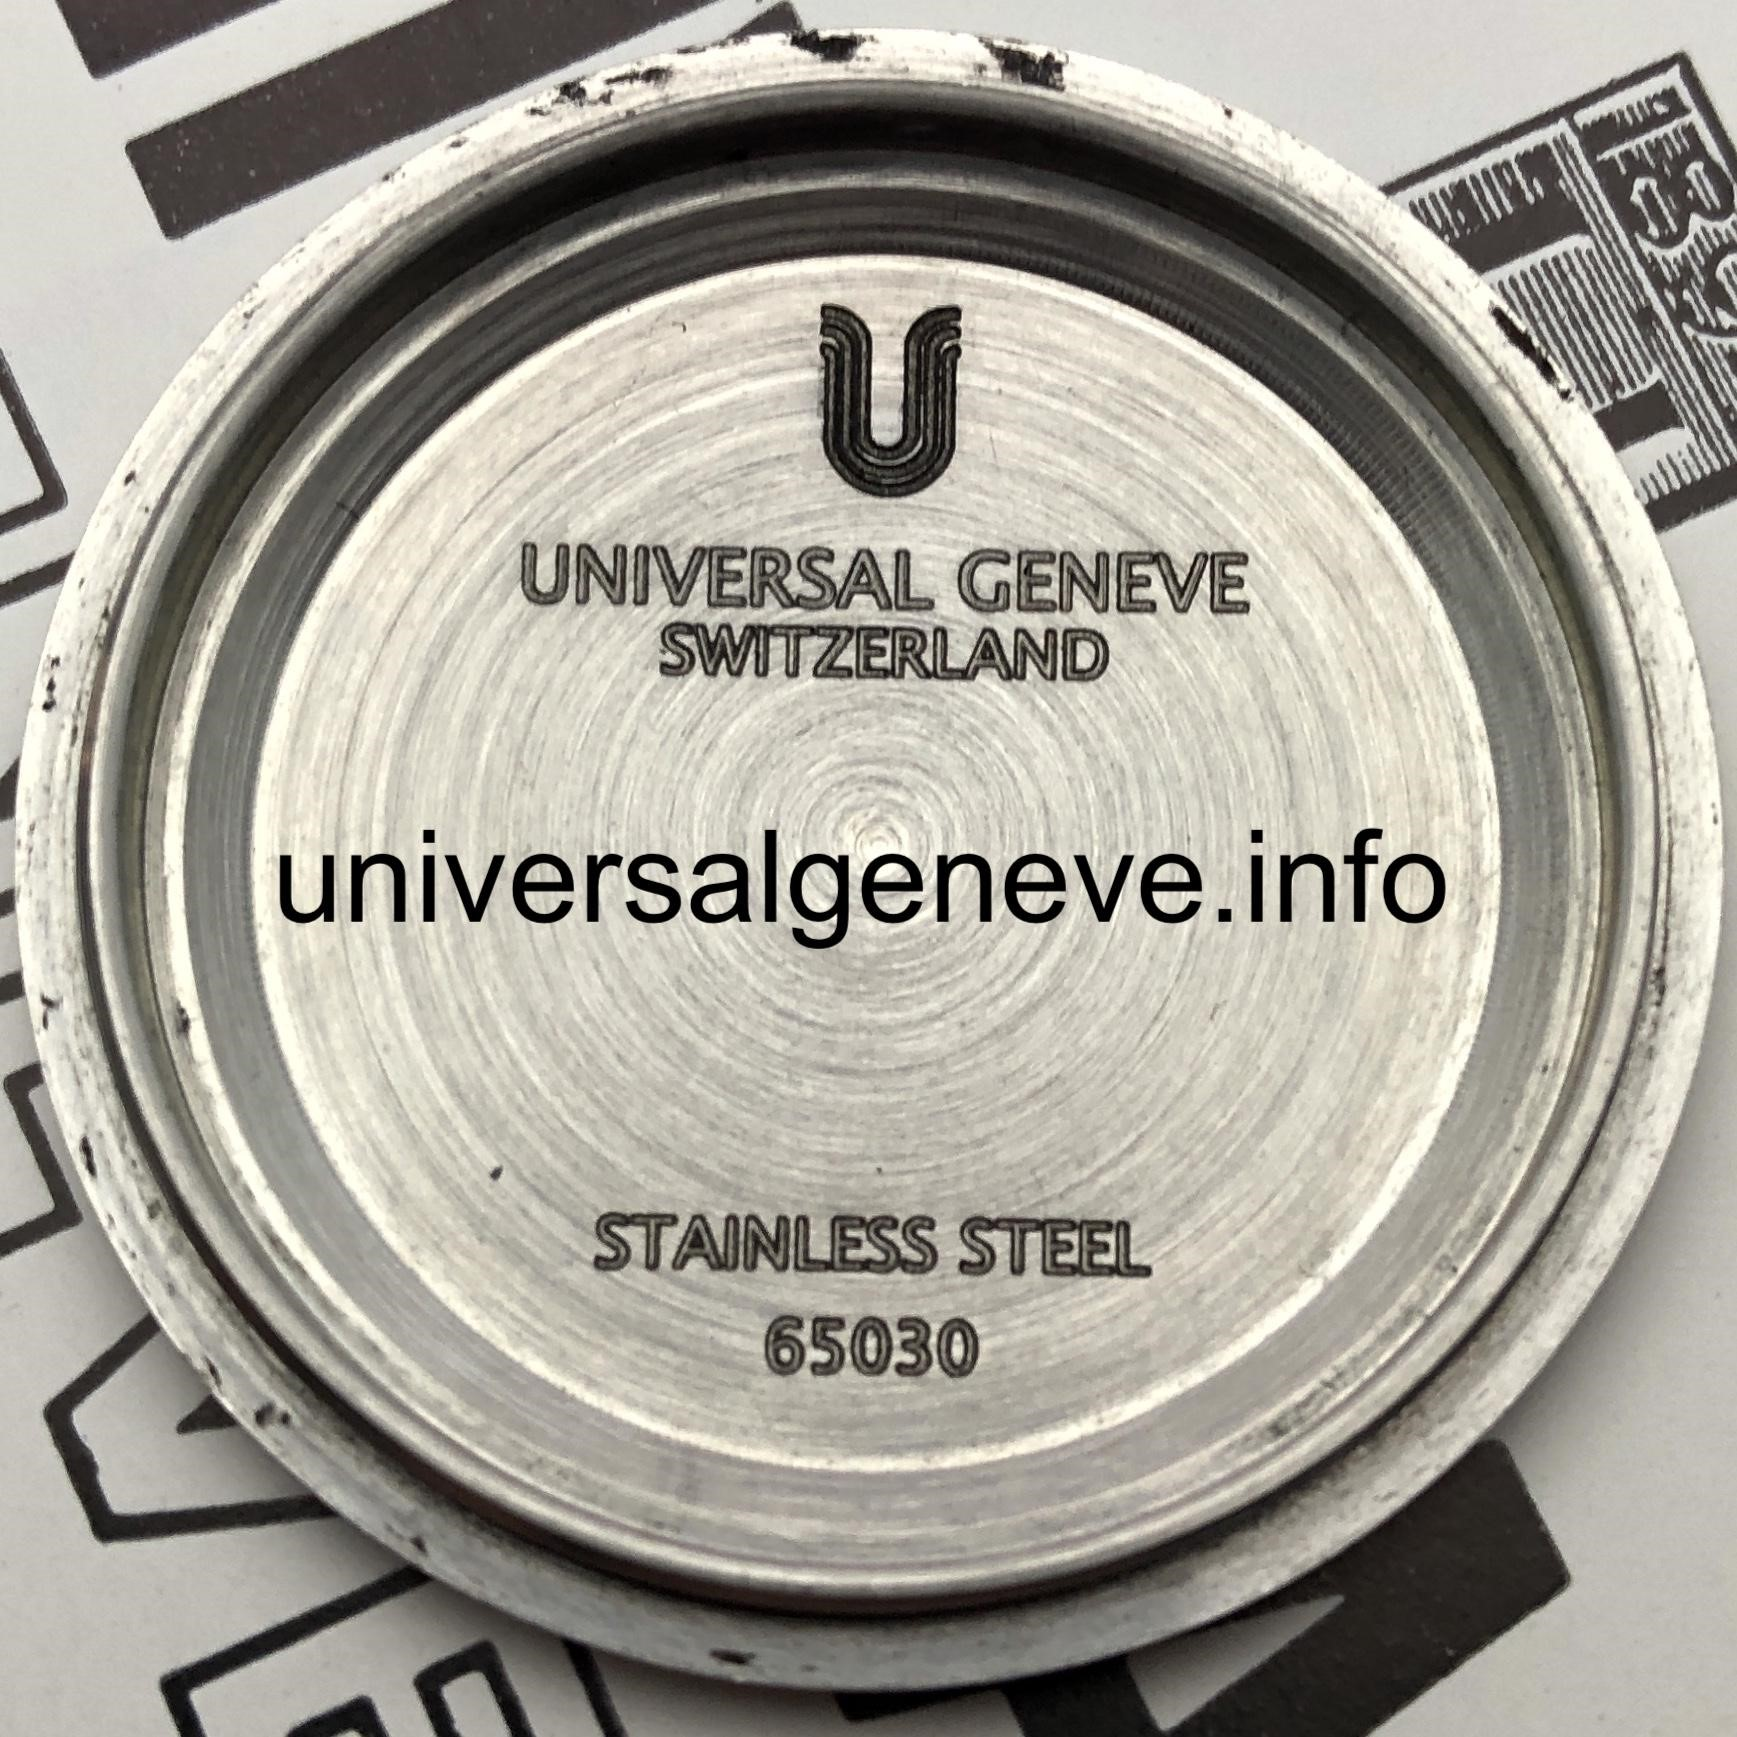 Modern U logo